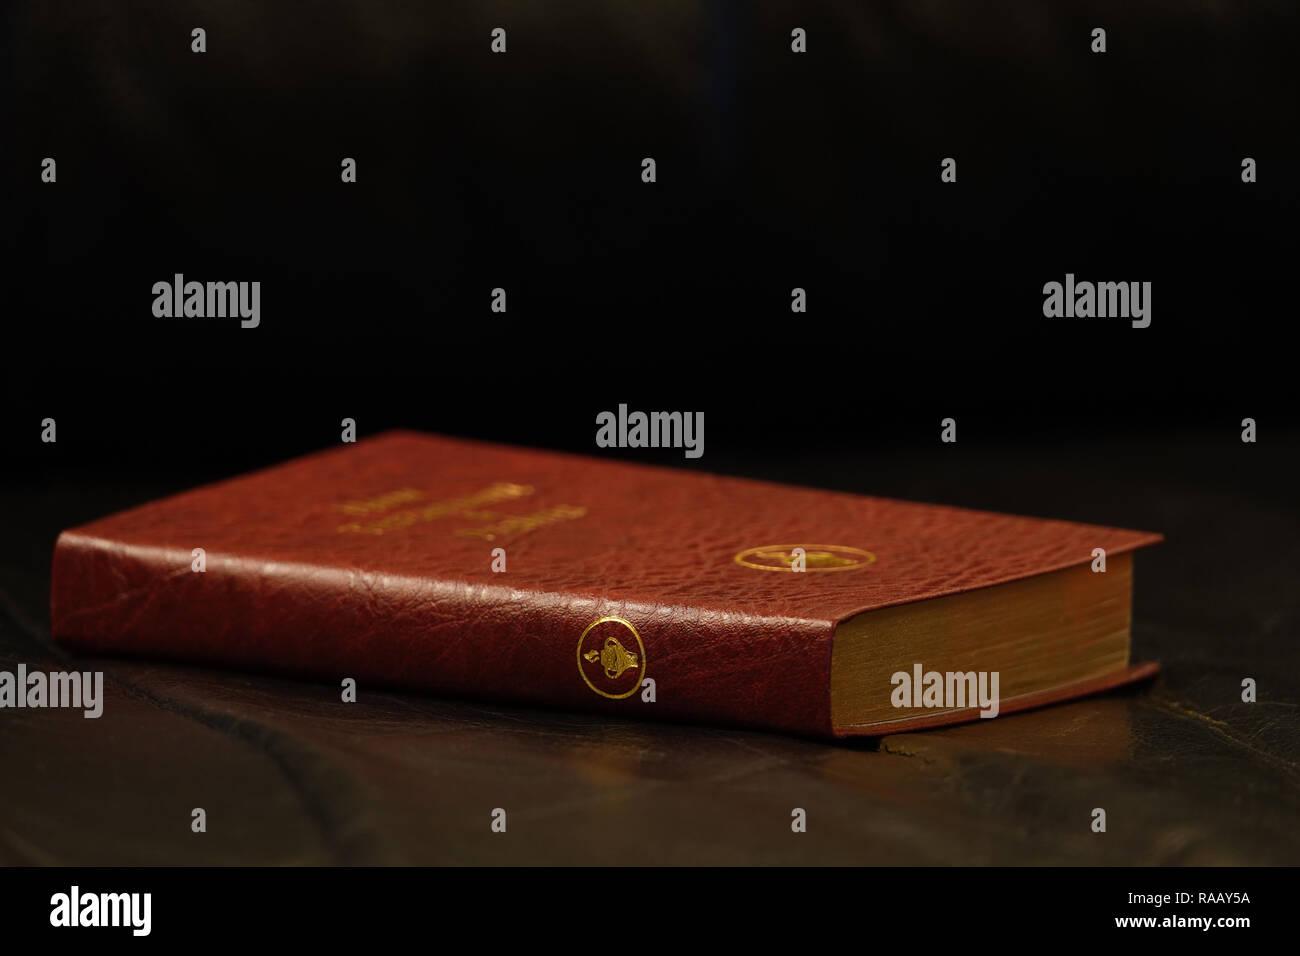 Gideon Bible Stock Photos & Gideon Bible Stock Images - Alamy